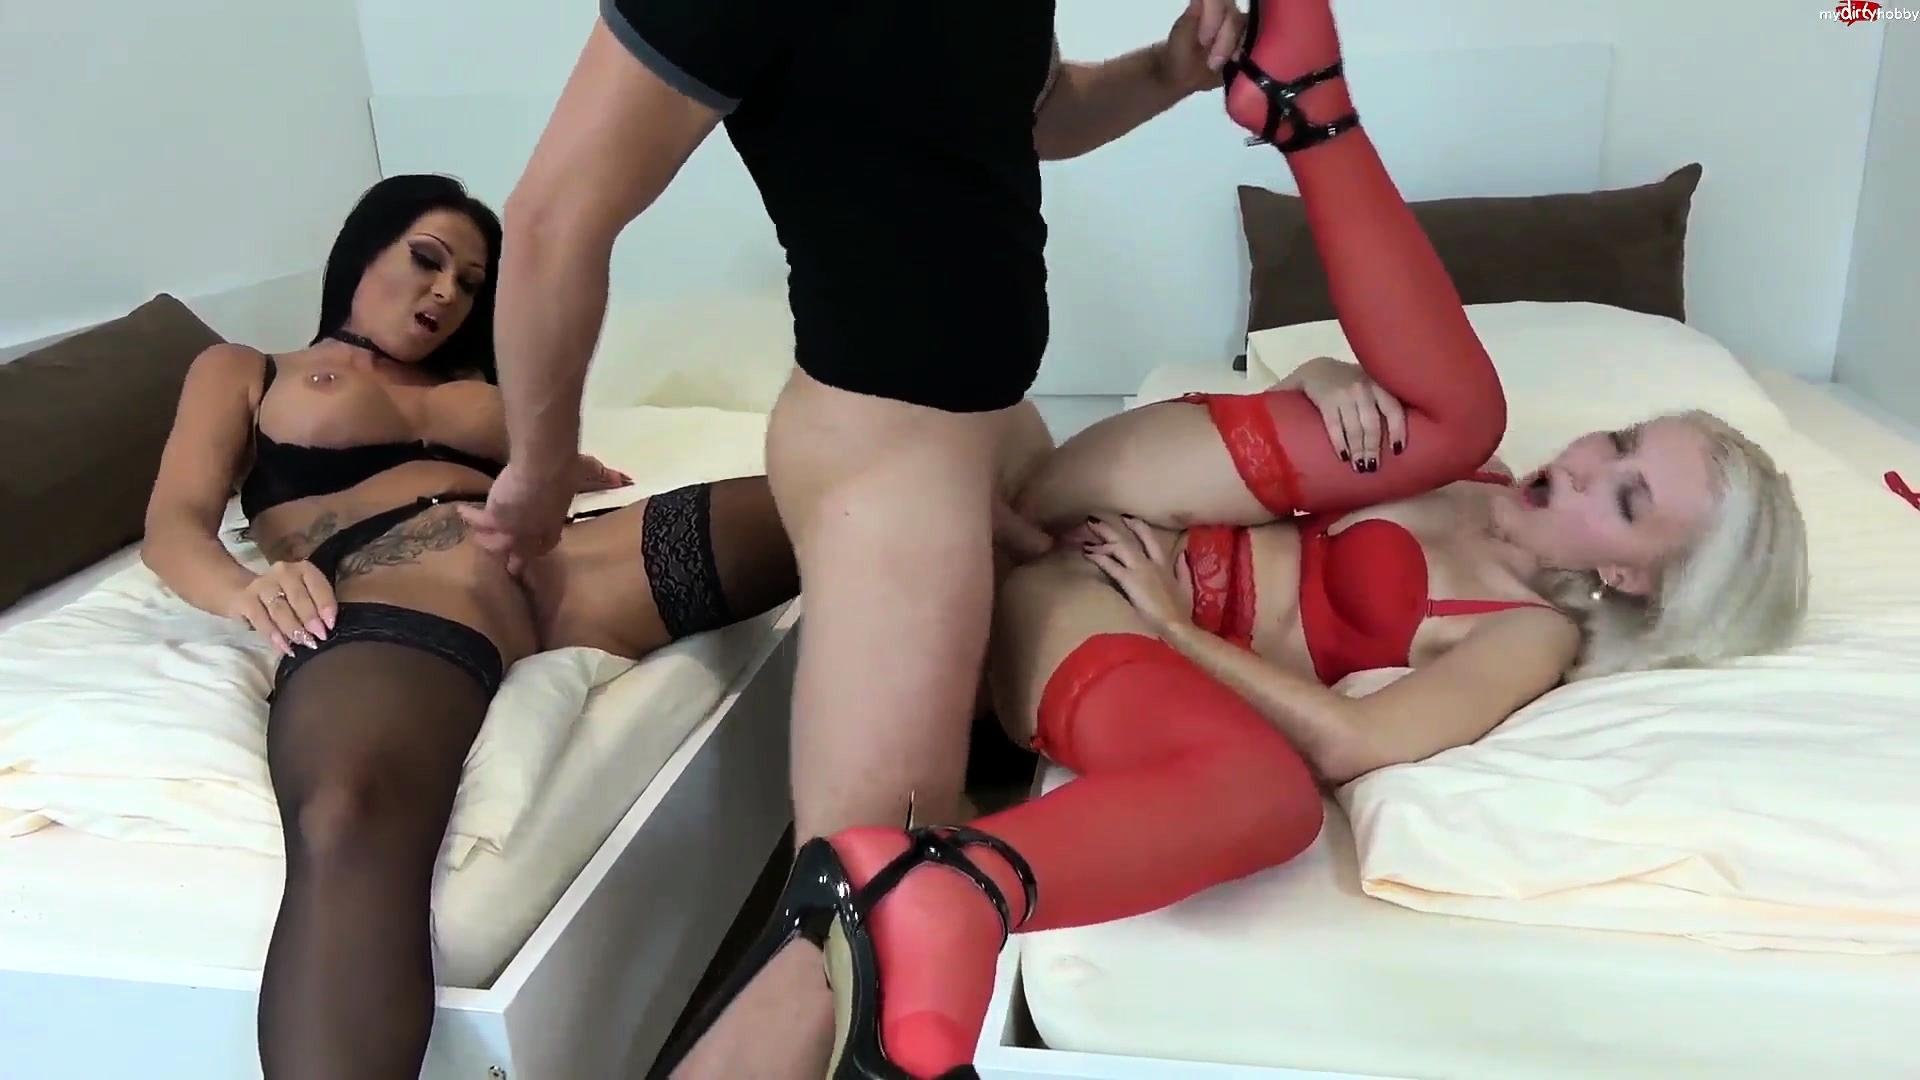 Hottest ass ever fucks